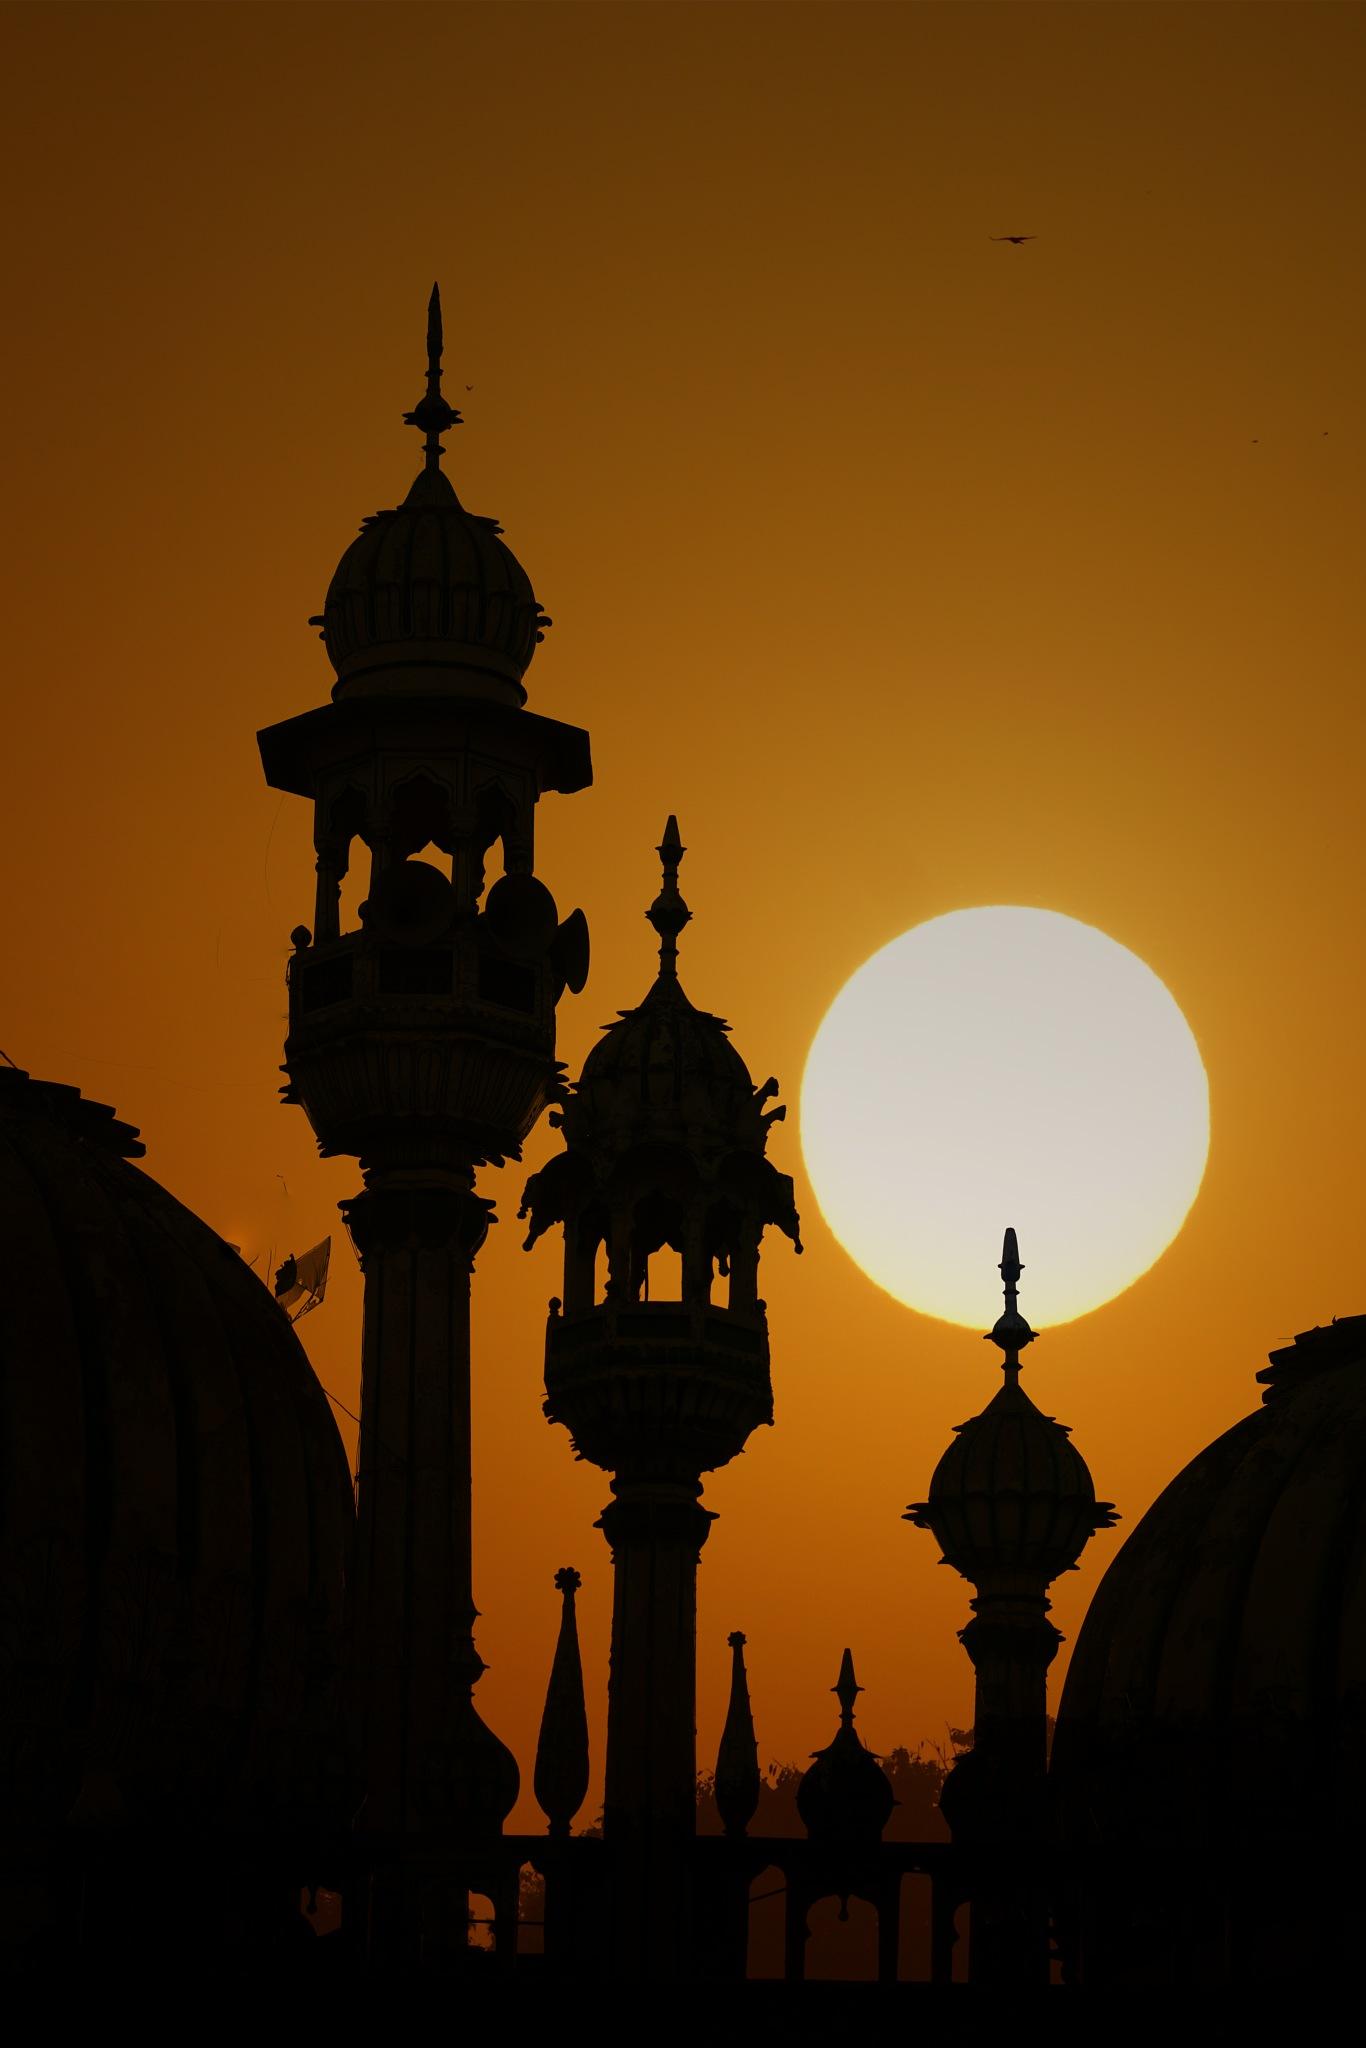 Golden hour in Lahore by navidqureshi